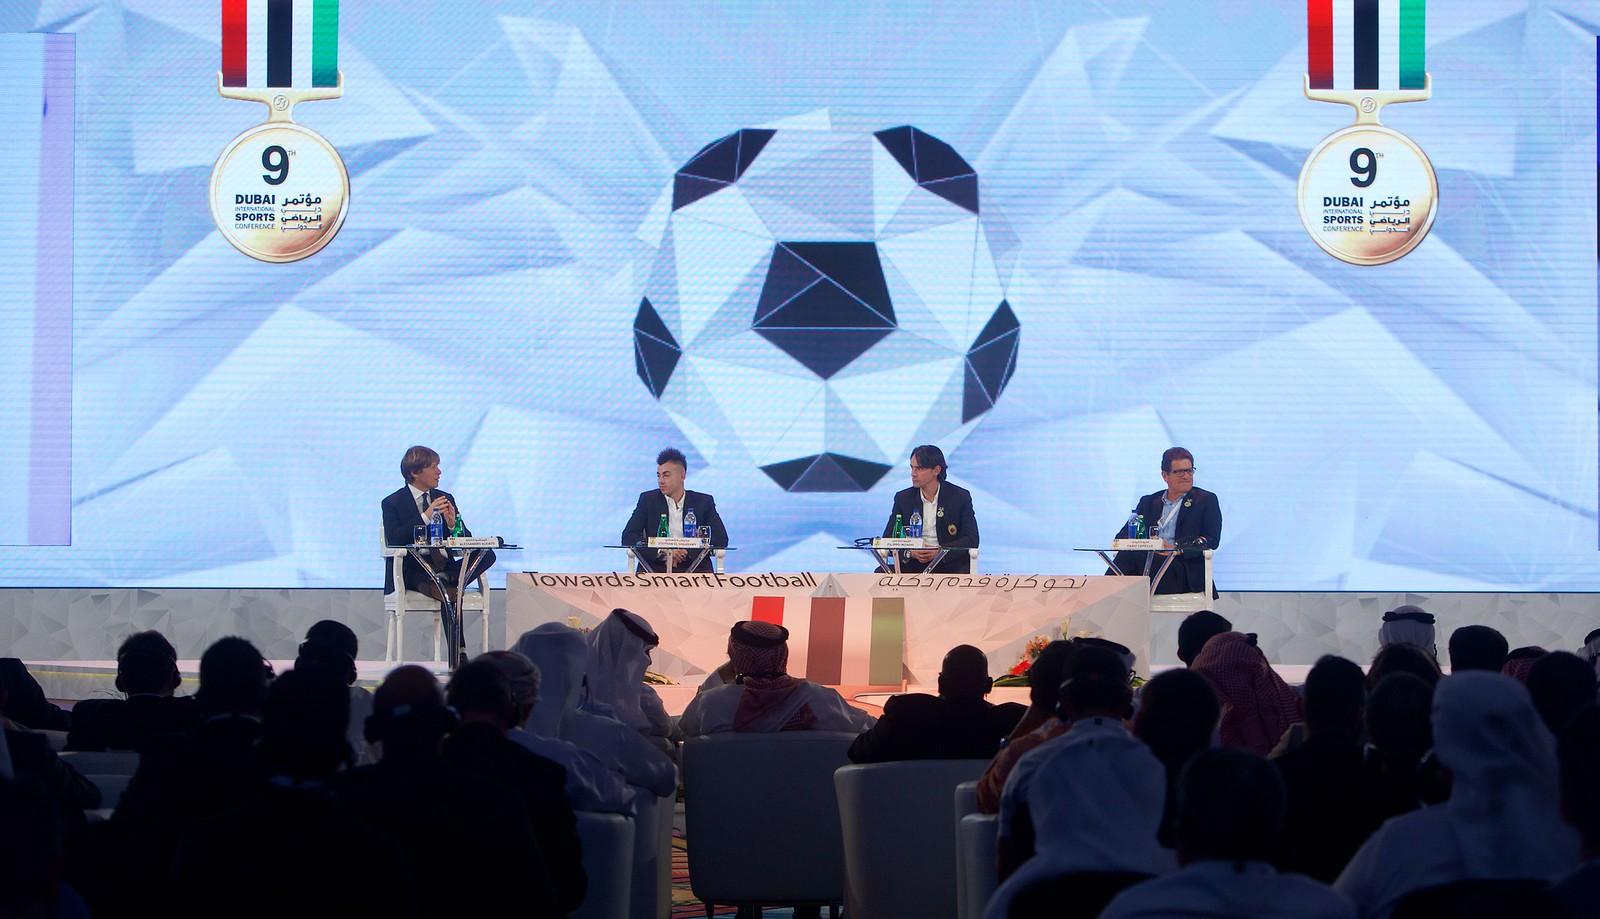 Globe Soccer 026